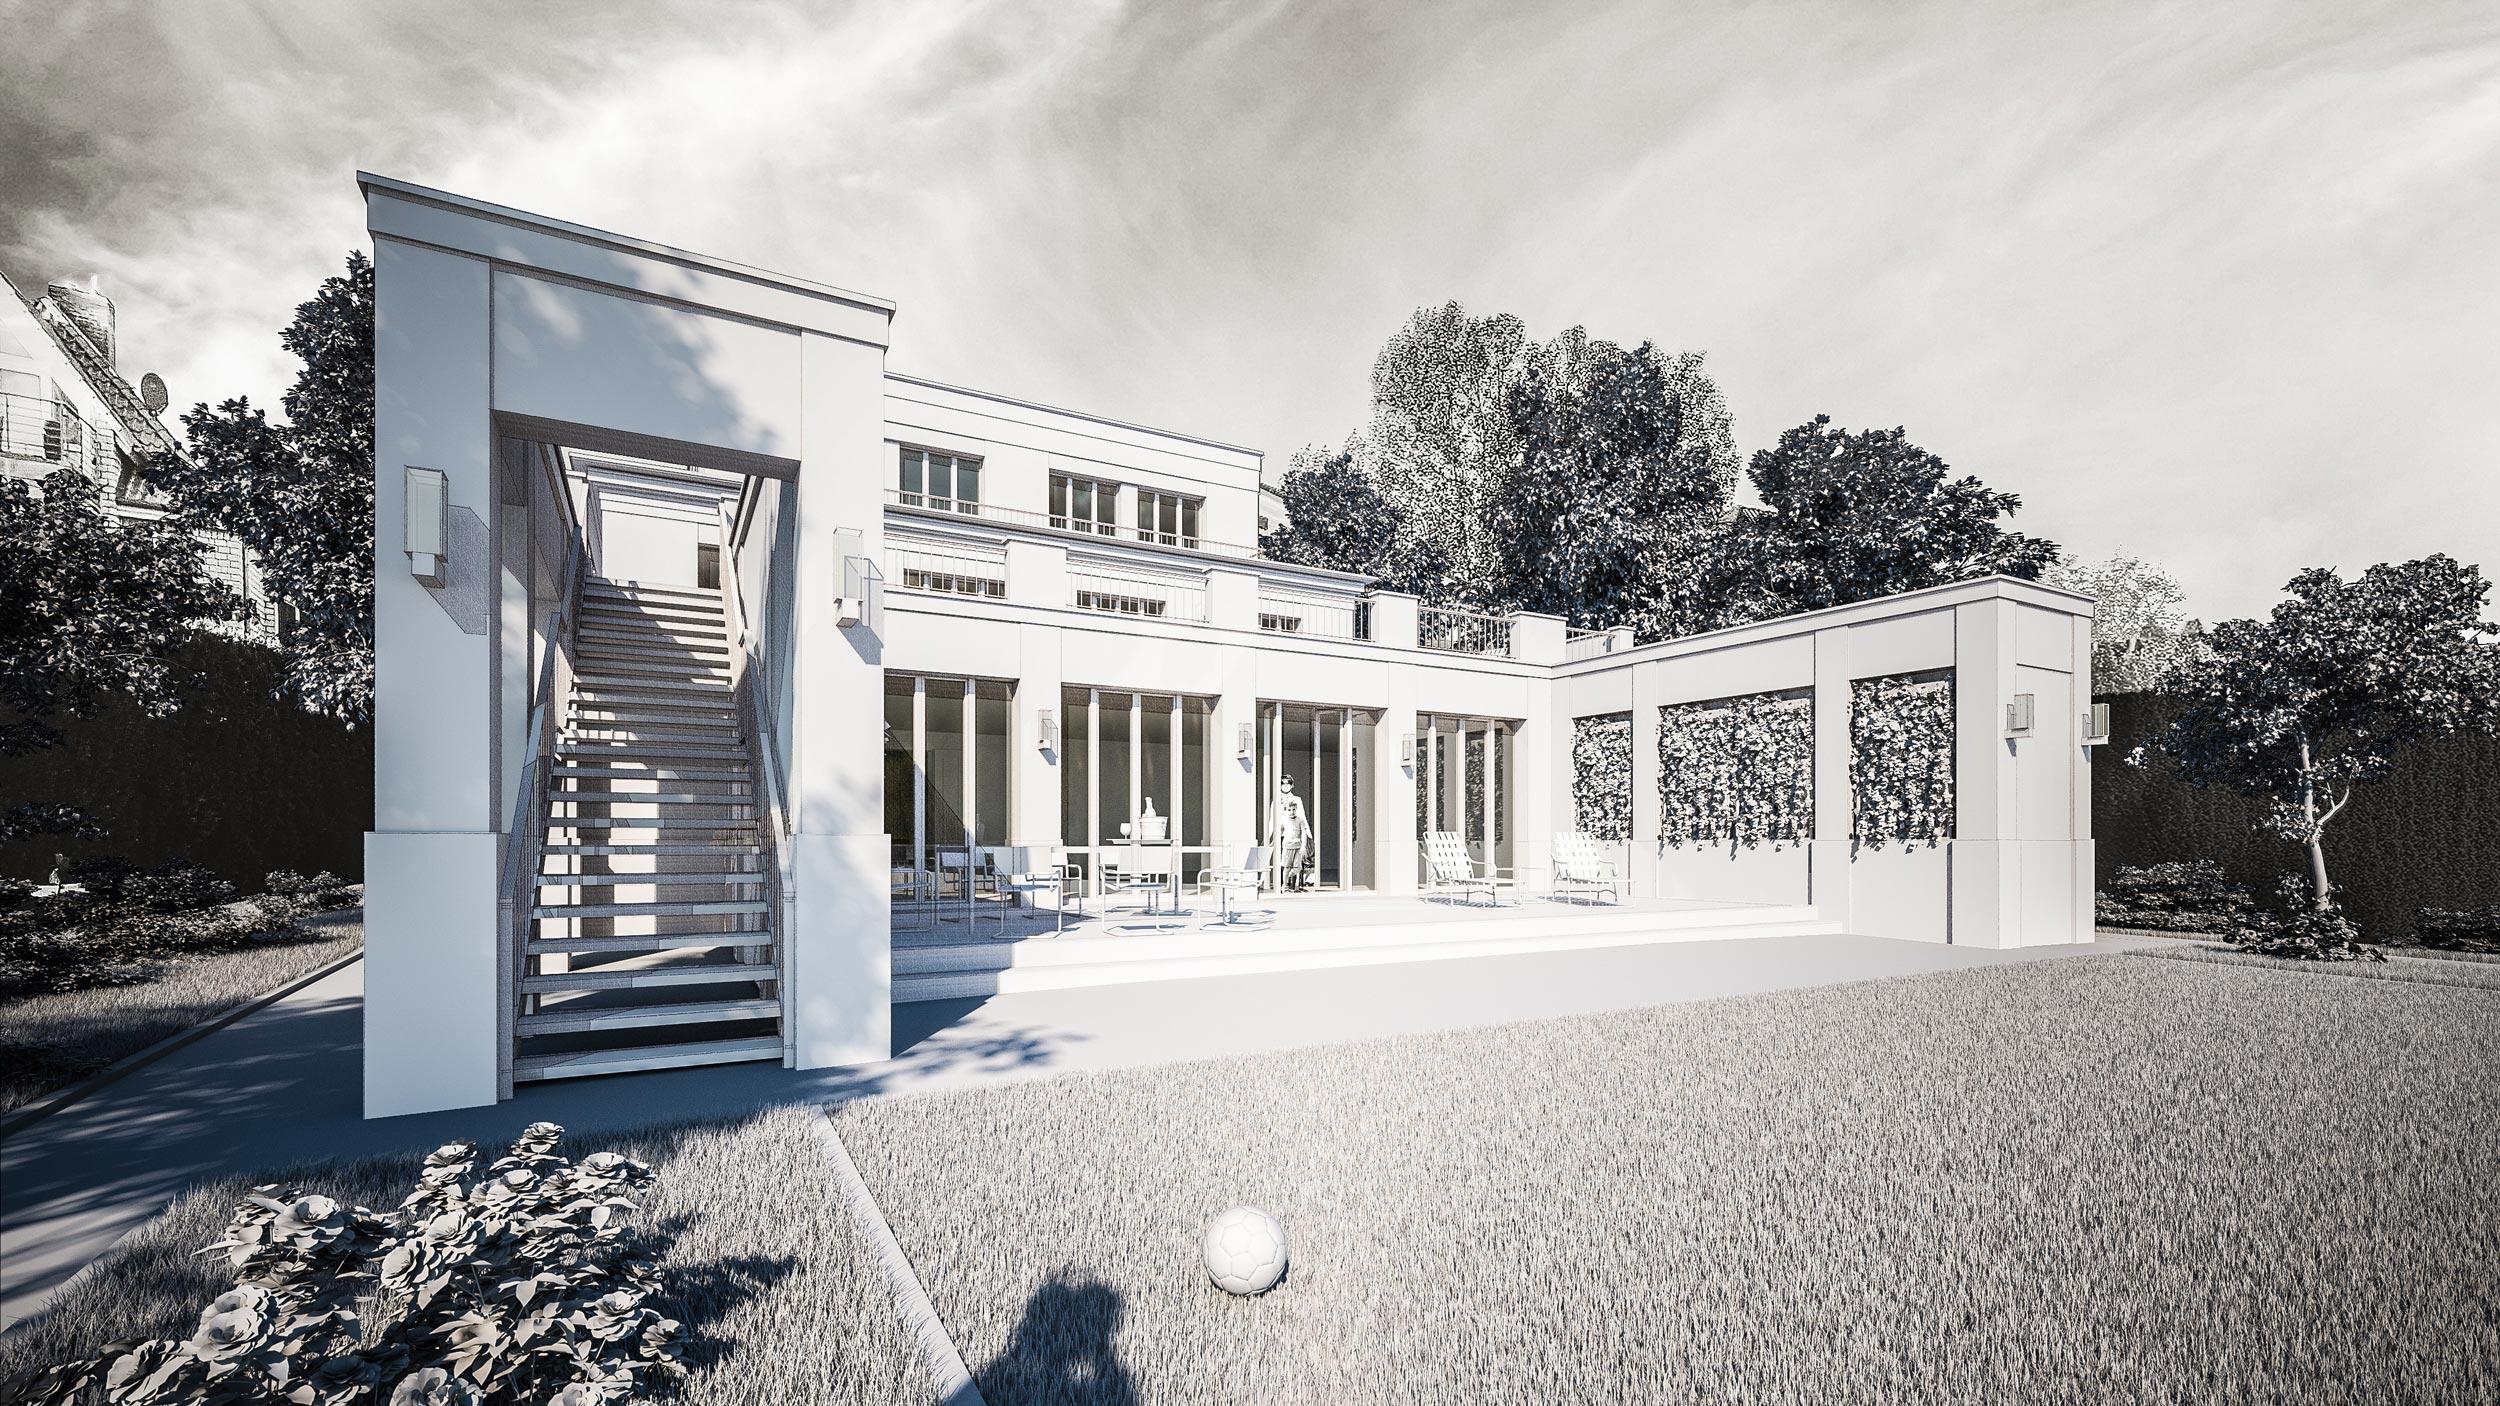 SEETERRASSEN AN DER MÜRITZ – Redesign eines Mehrfamilienhauses am See - Drei Terrassenebenen eröffnen zum See weitläufige Aussichten auf die Müritz.